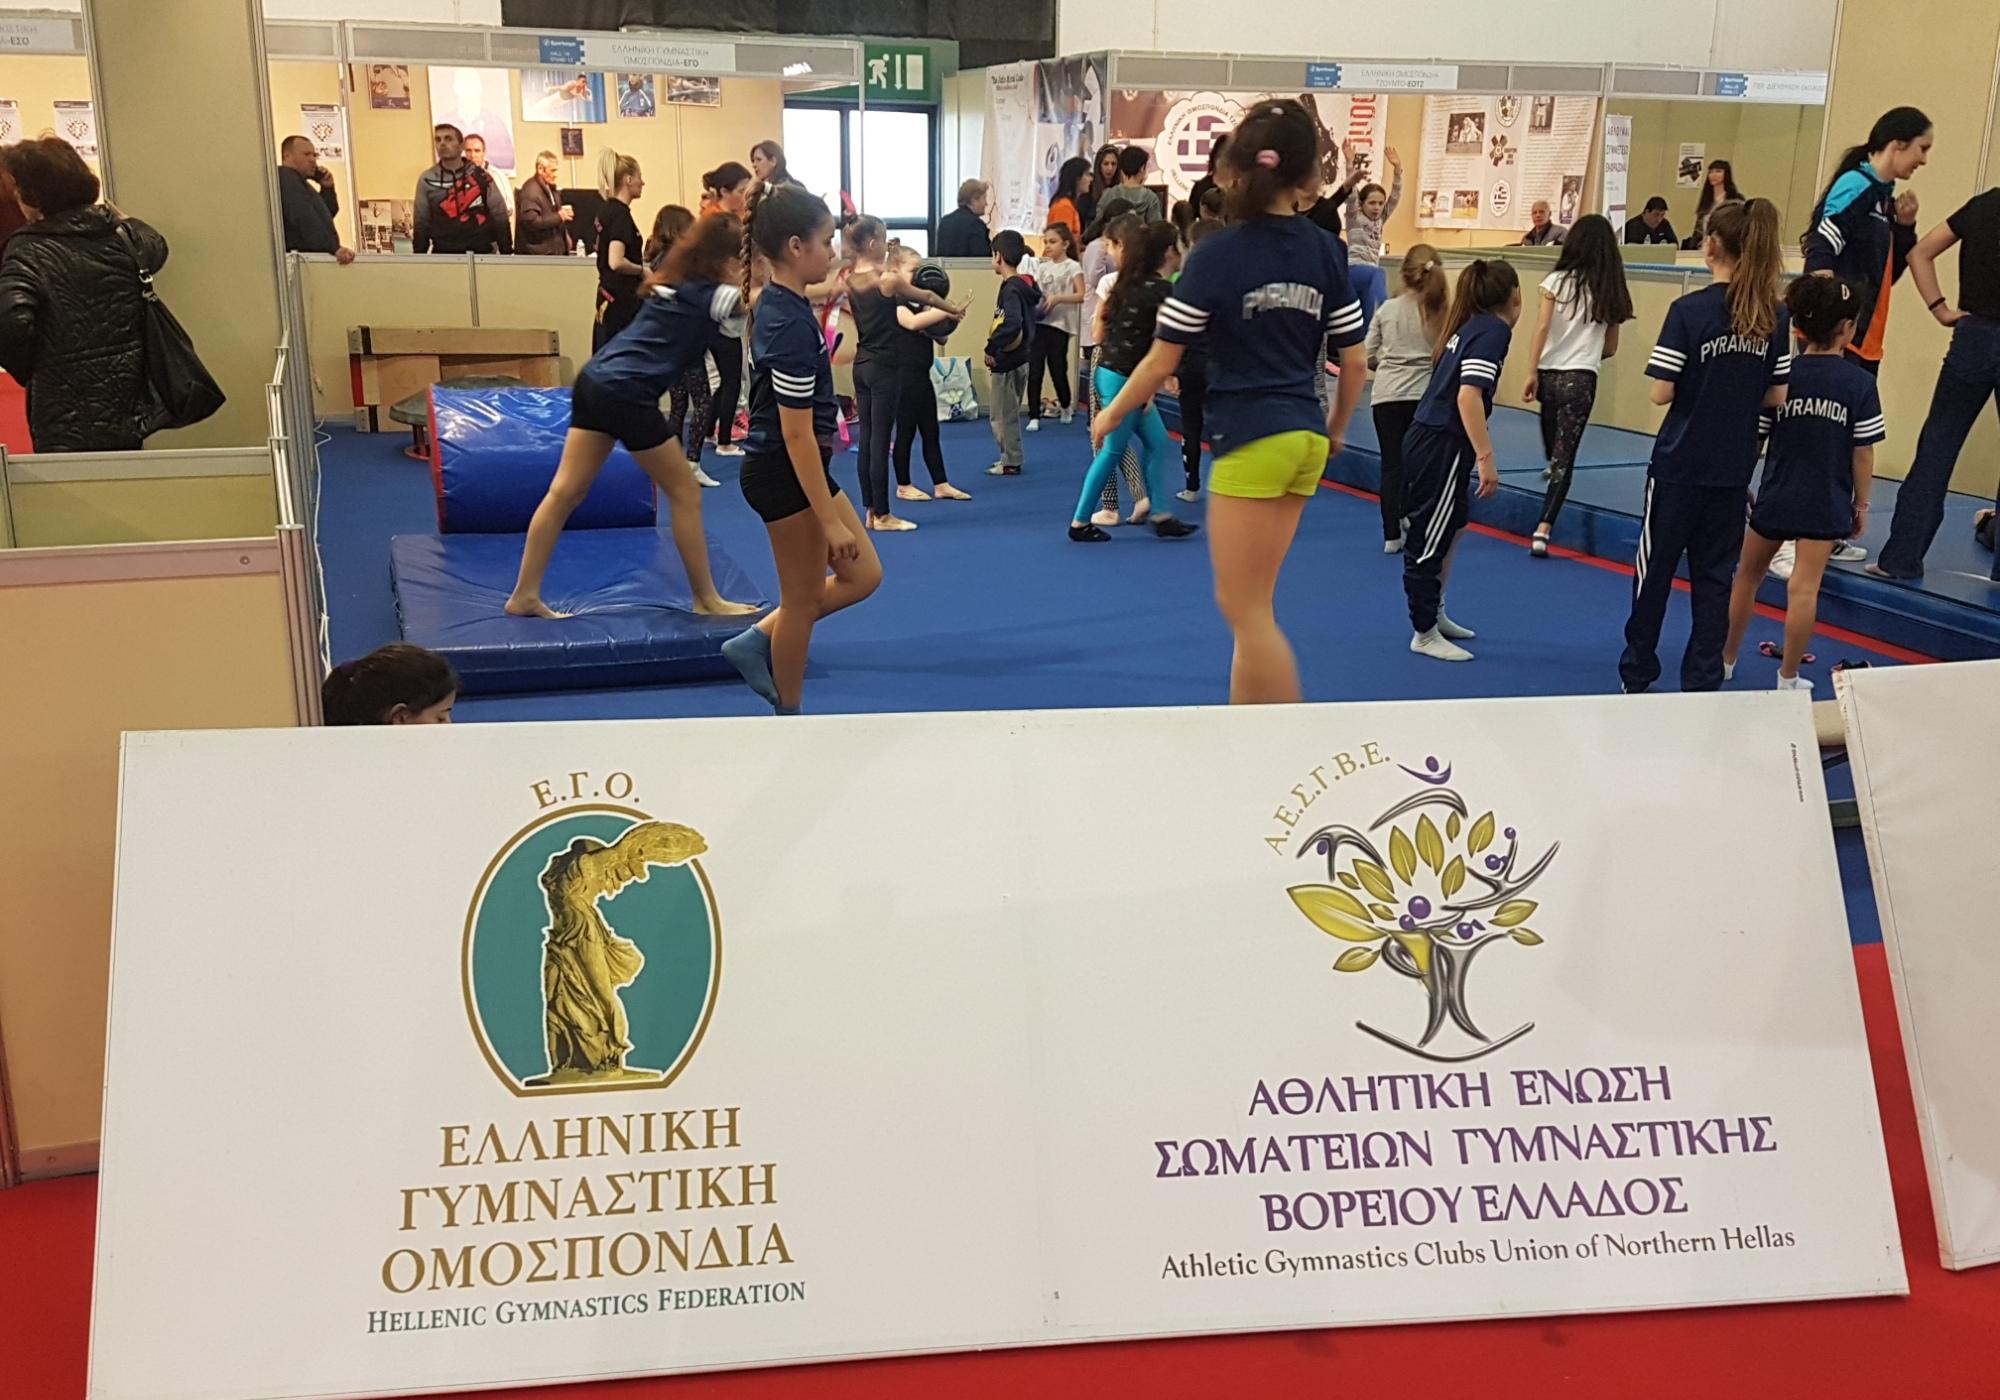 sportexpo2018-03